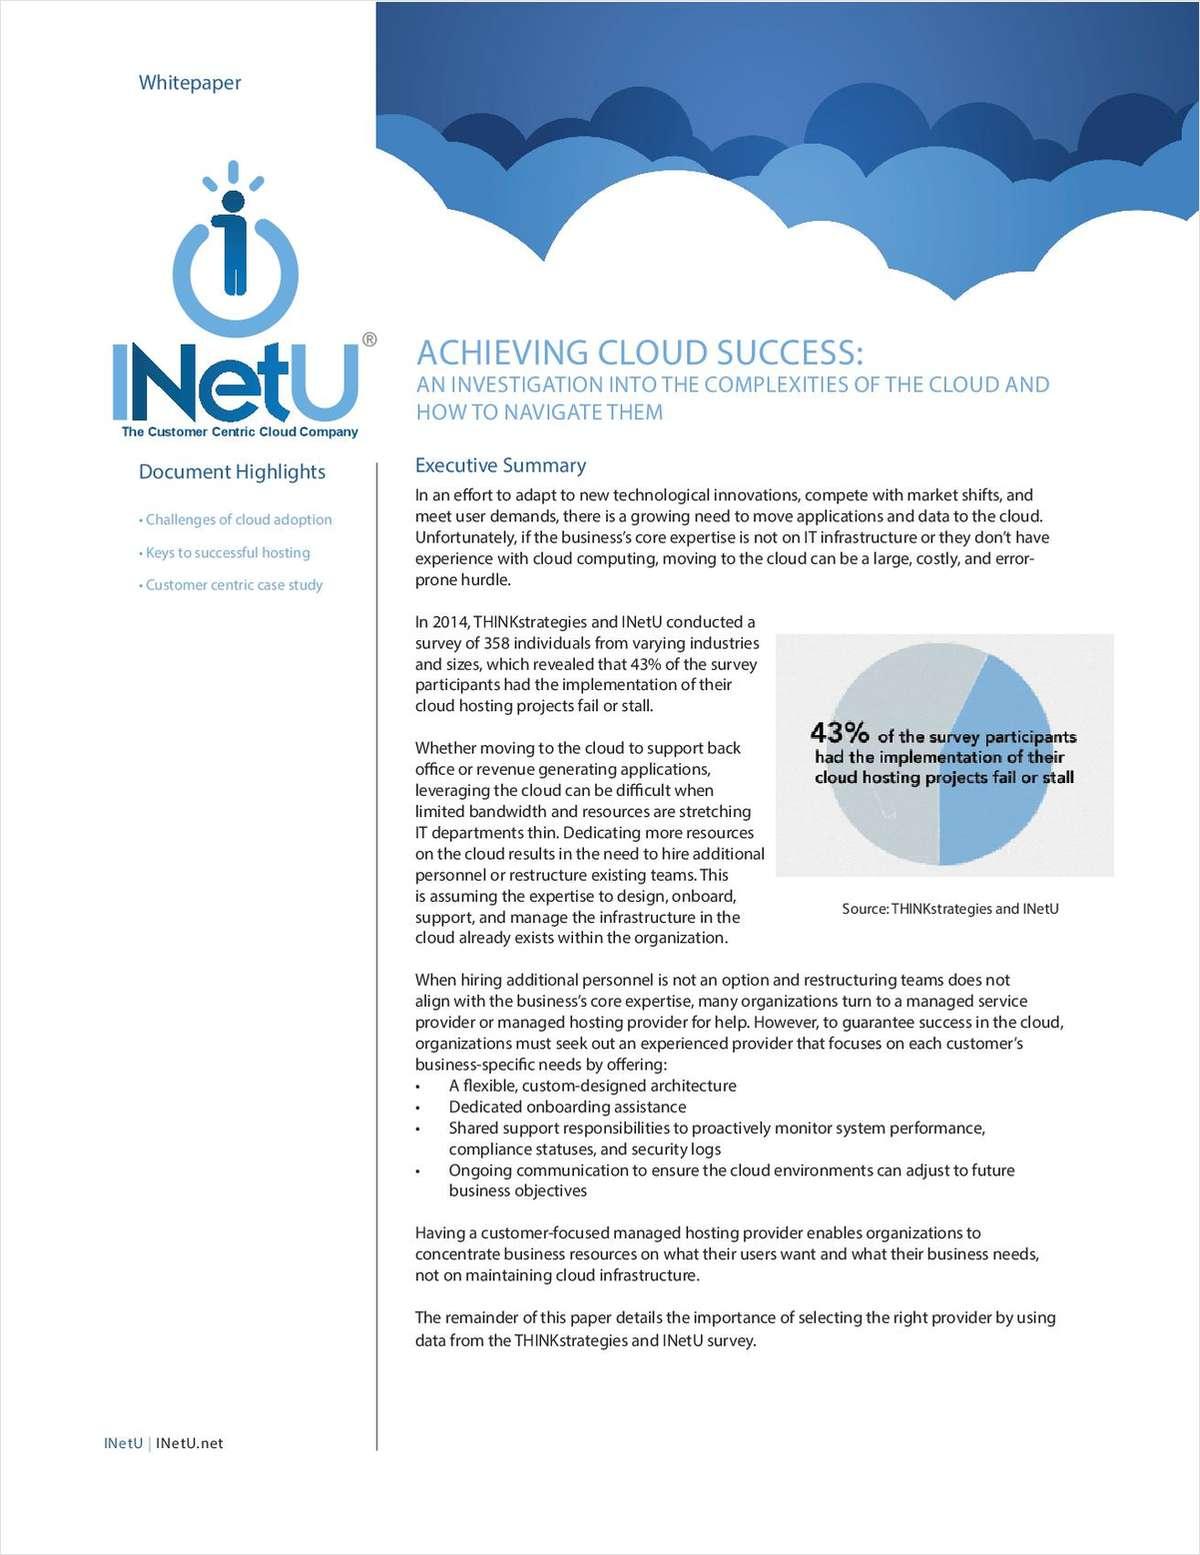 Achieving Cloud Success